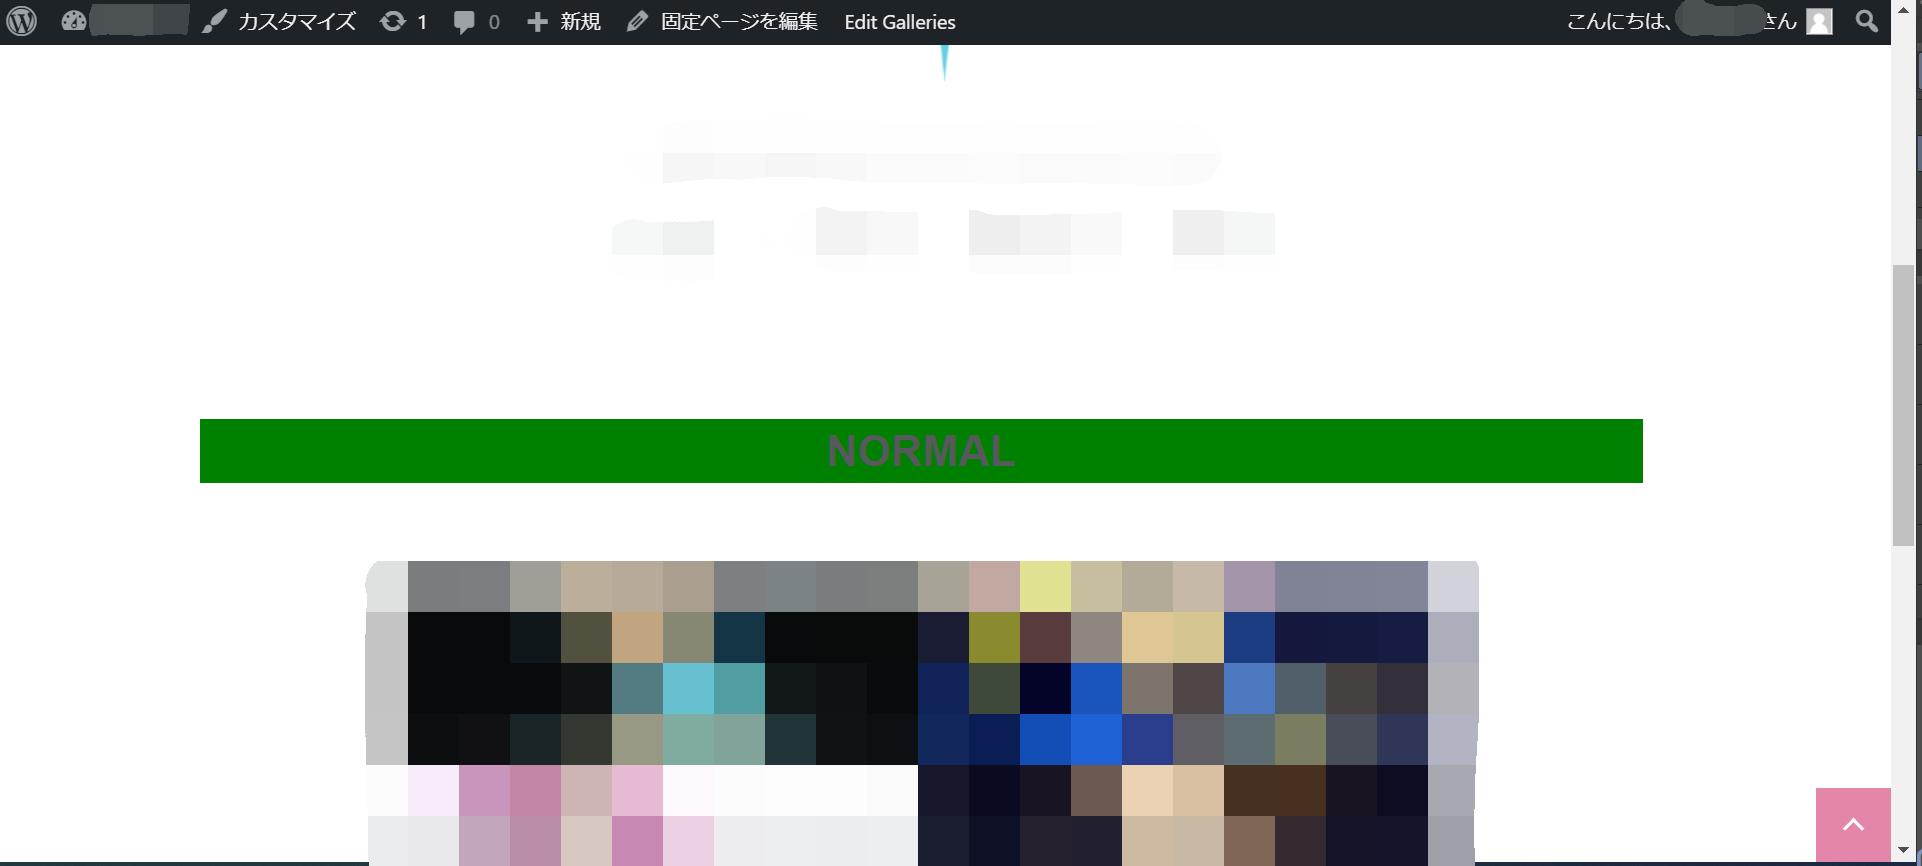 謎の緑色が入ってしまっています。